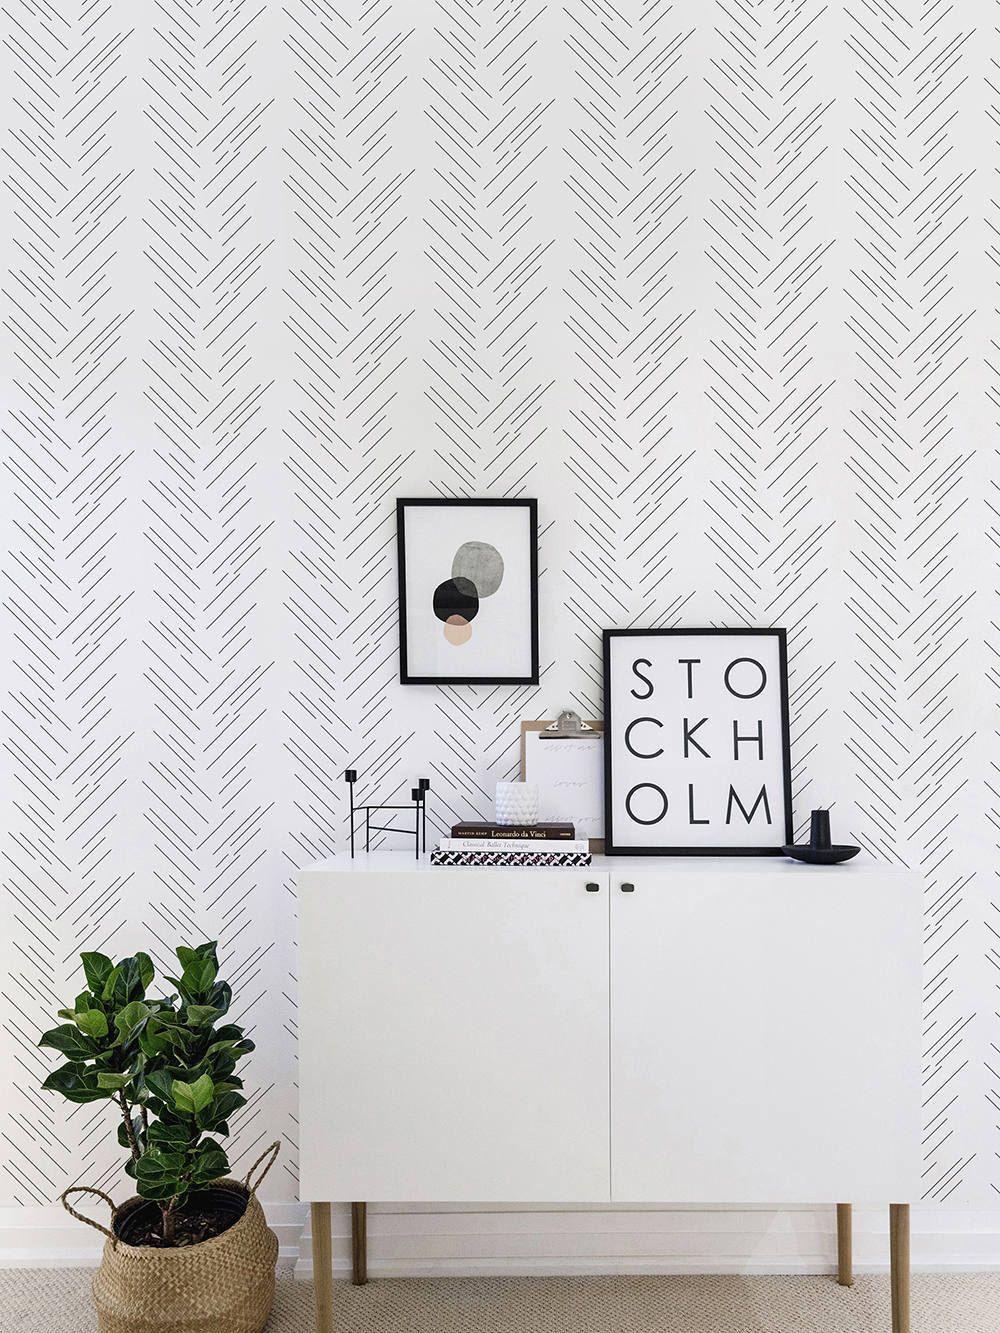 Chevron Wallpaper Peel And Stick Herringbone Wallpaper Self Adhesive Vinyl Temporary Wallpaper Easy To Install And Remove 189 Herringbone Wallpaper Chevron Wallpaper Temporary Wallpaper